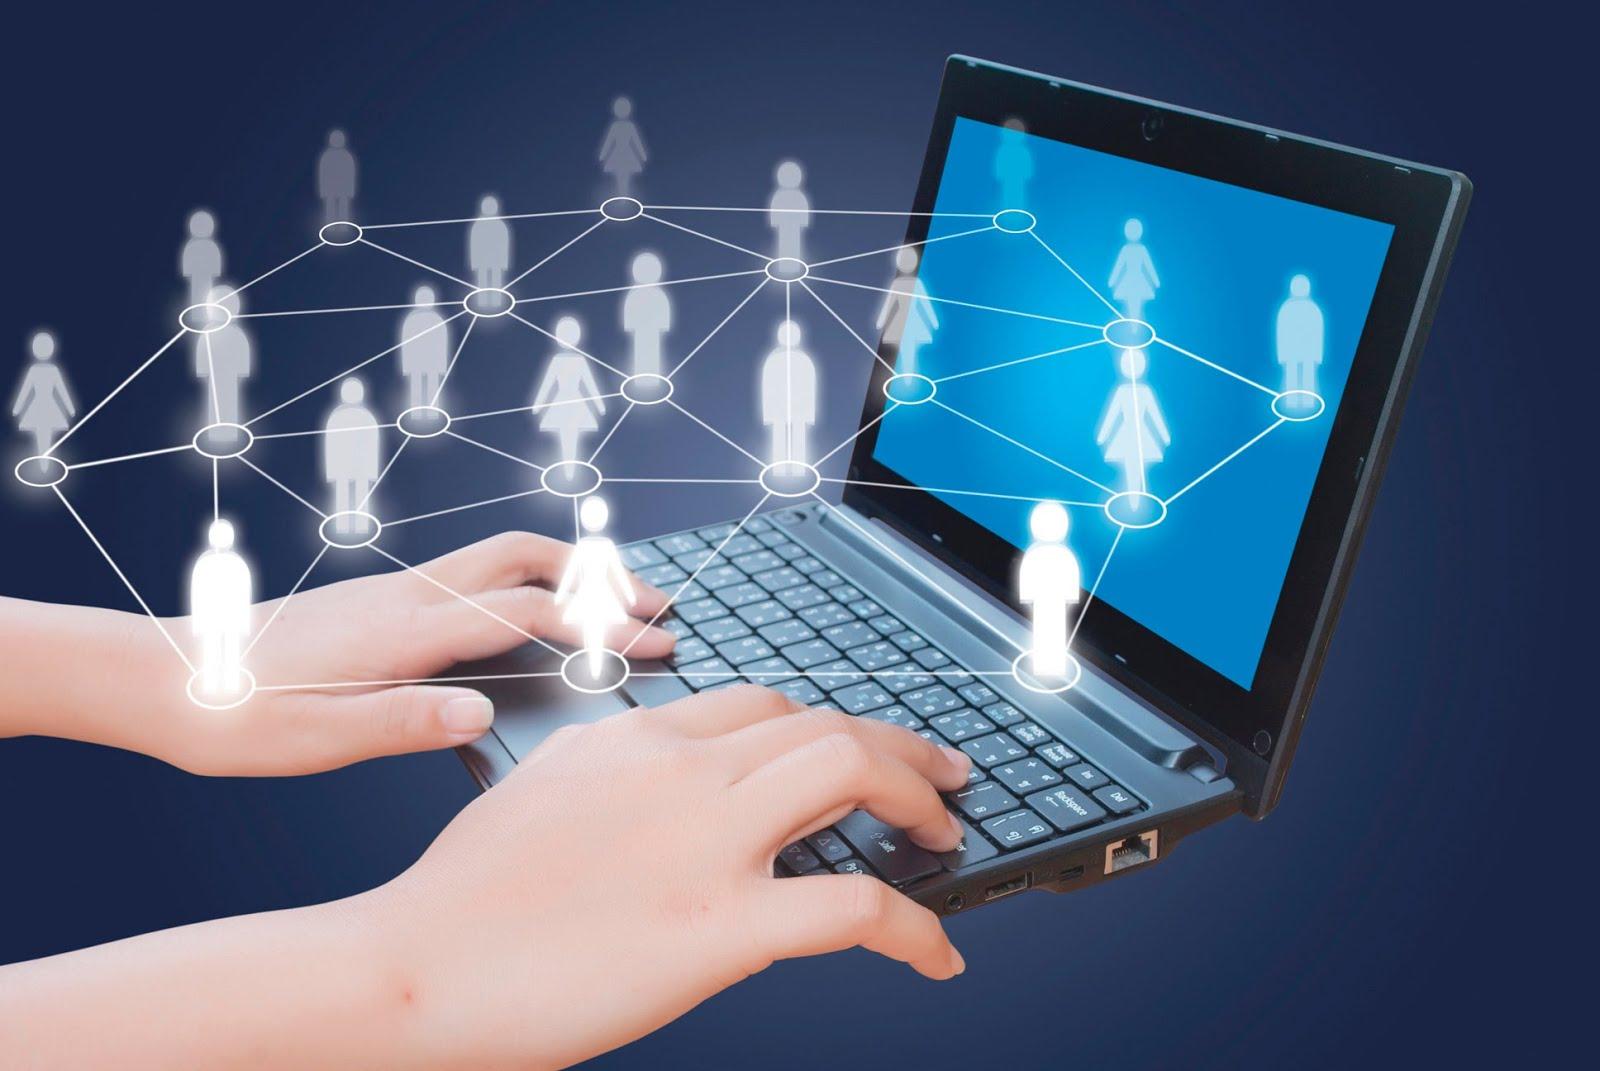 internet helps teenagers communicate